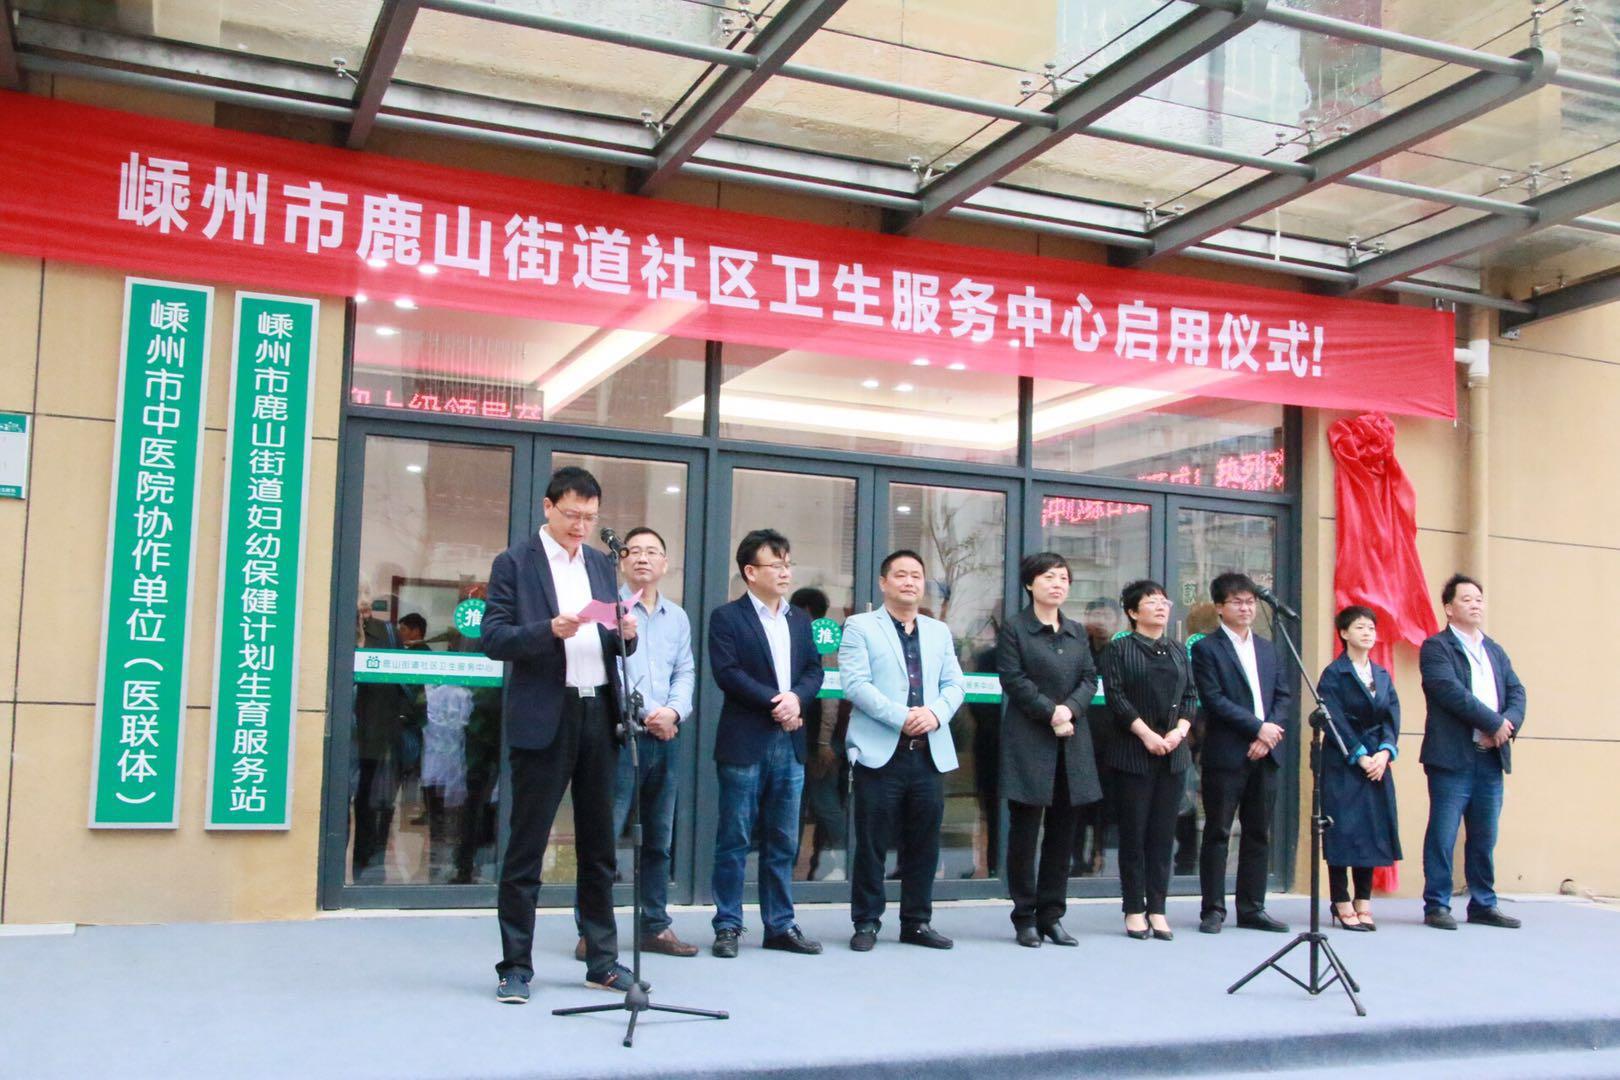 新起点 新征程 再出发 ----鹿山街道社区卫生服务中心新院区正式启用